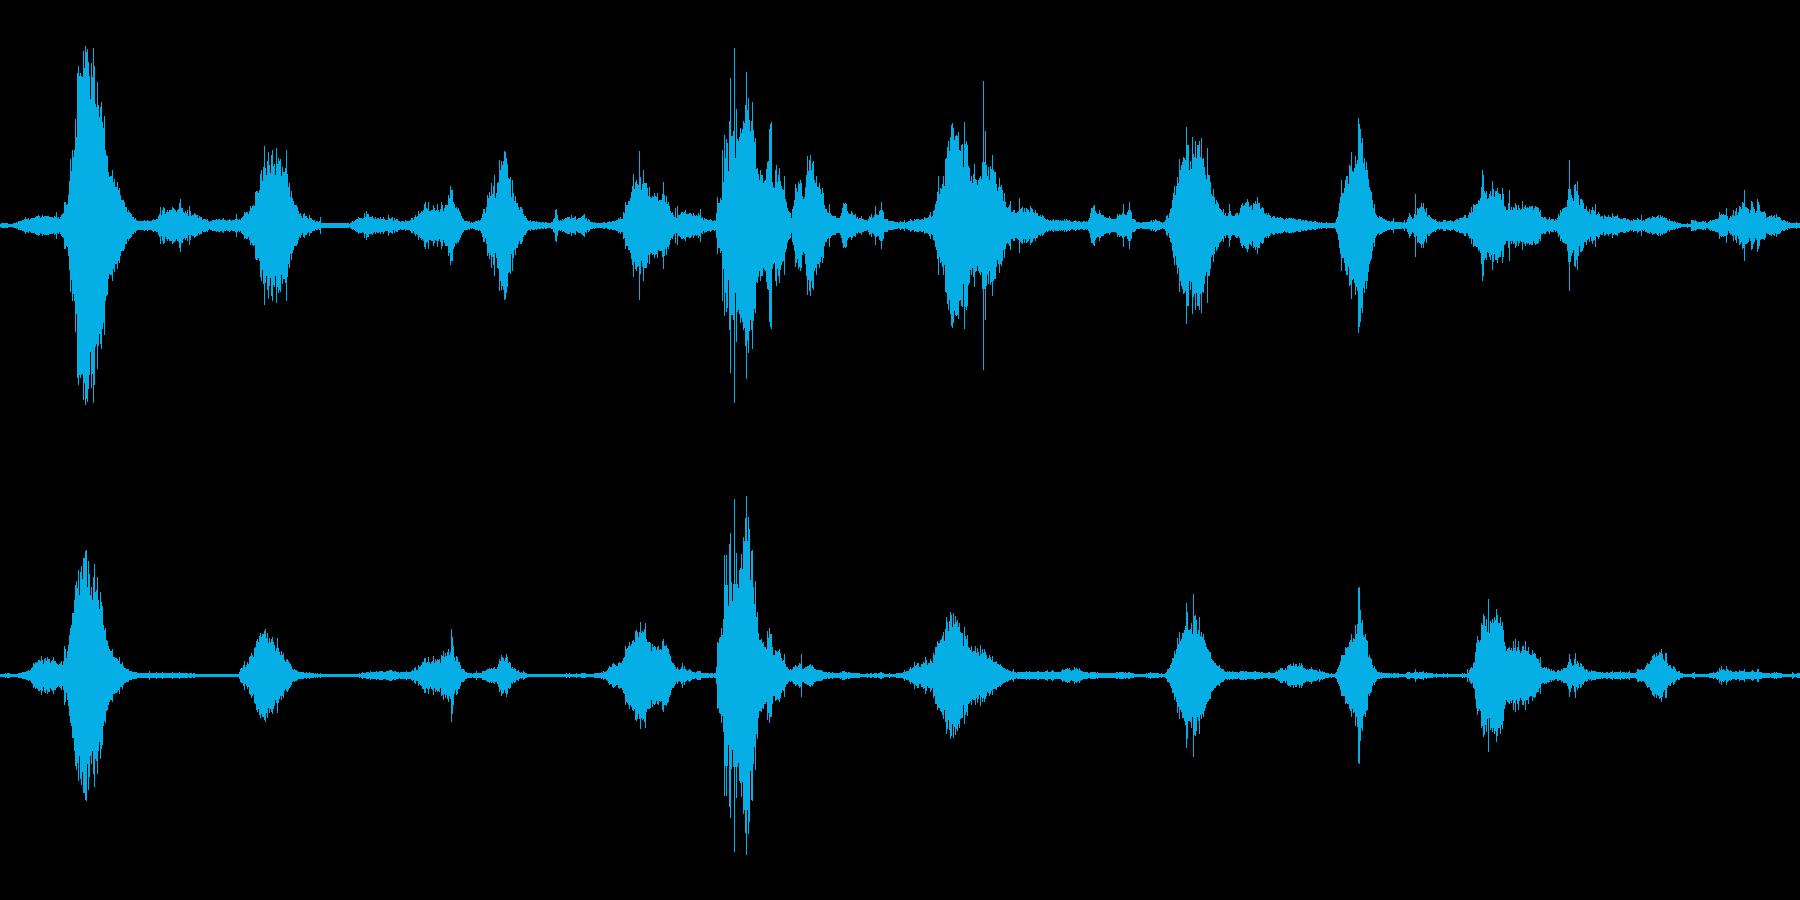 海_砂浜_鳥の声(ザザーン)の再生済みの波形